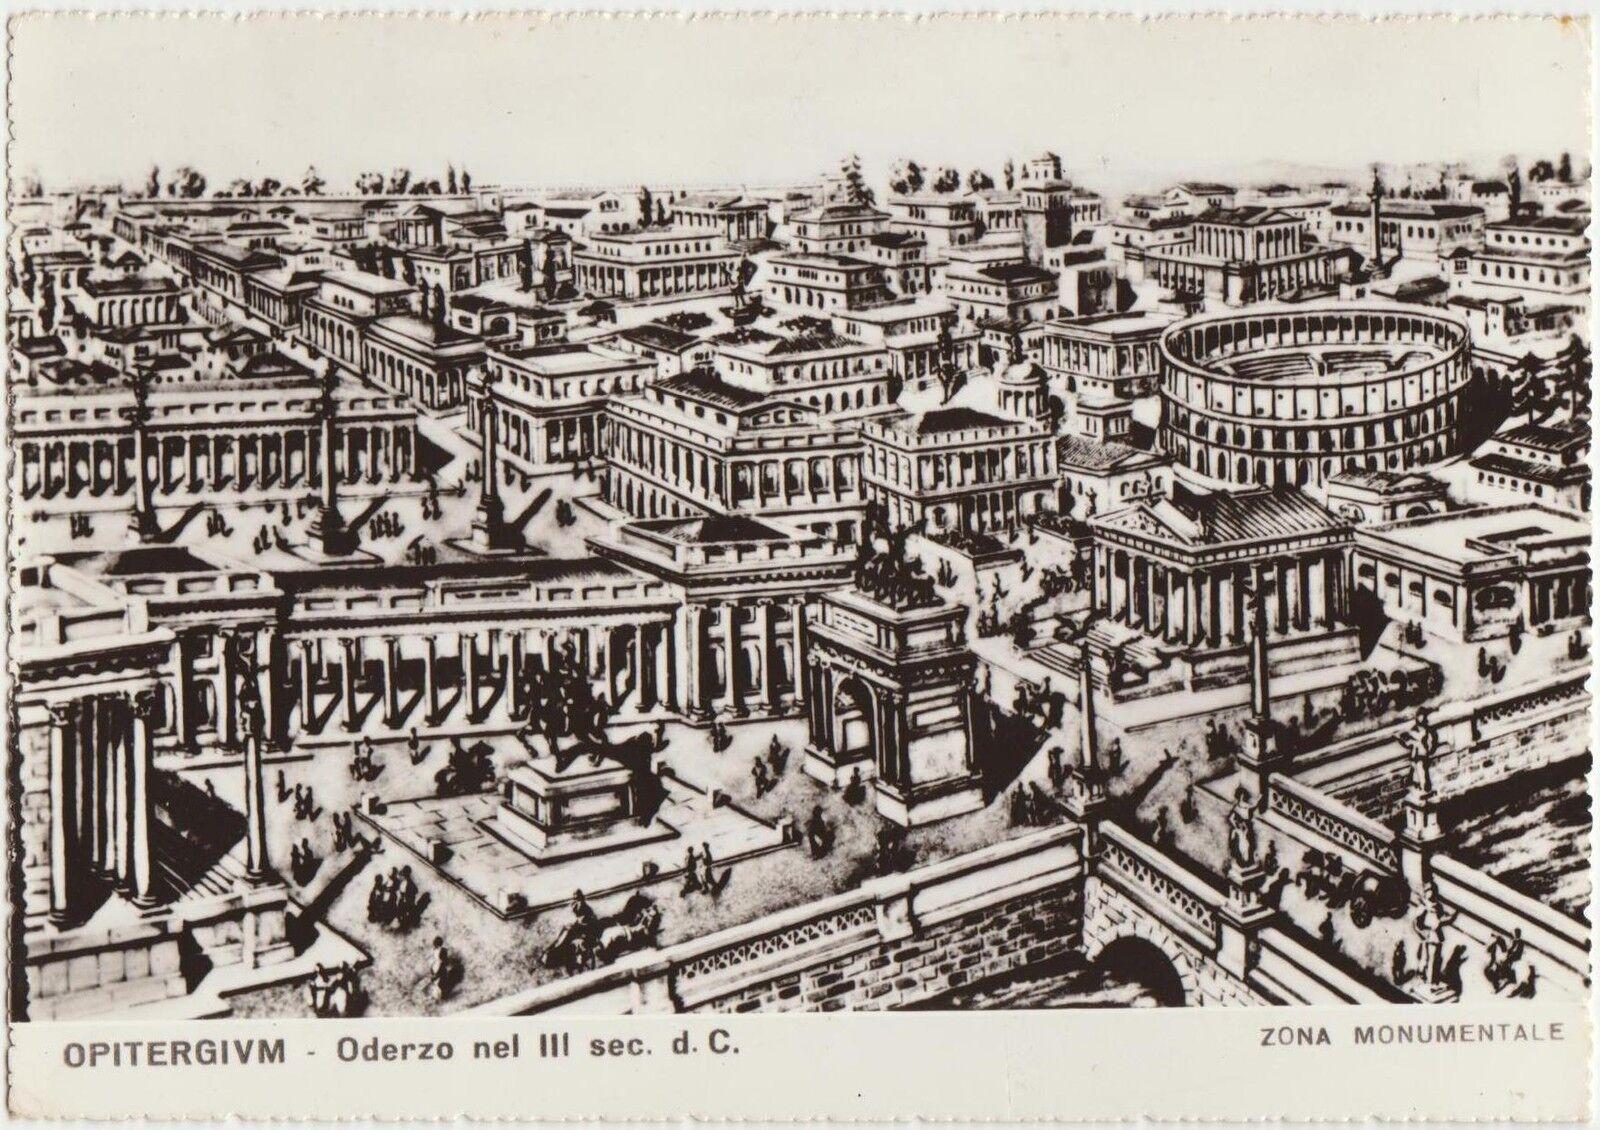 Opitergium monumentale